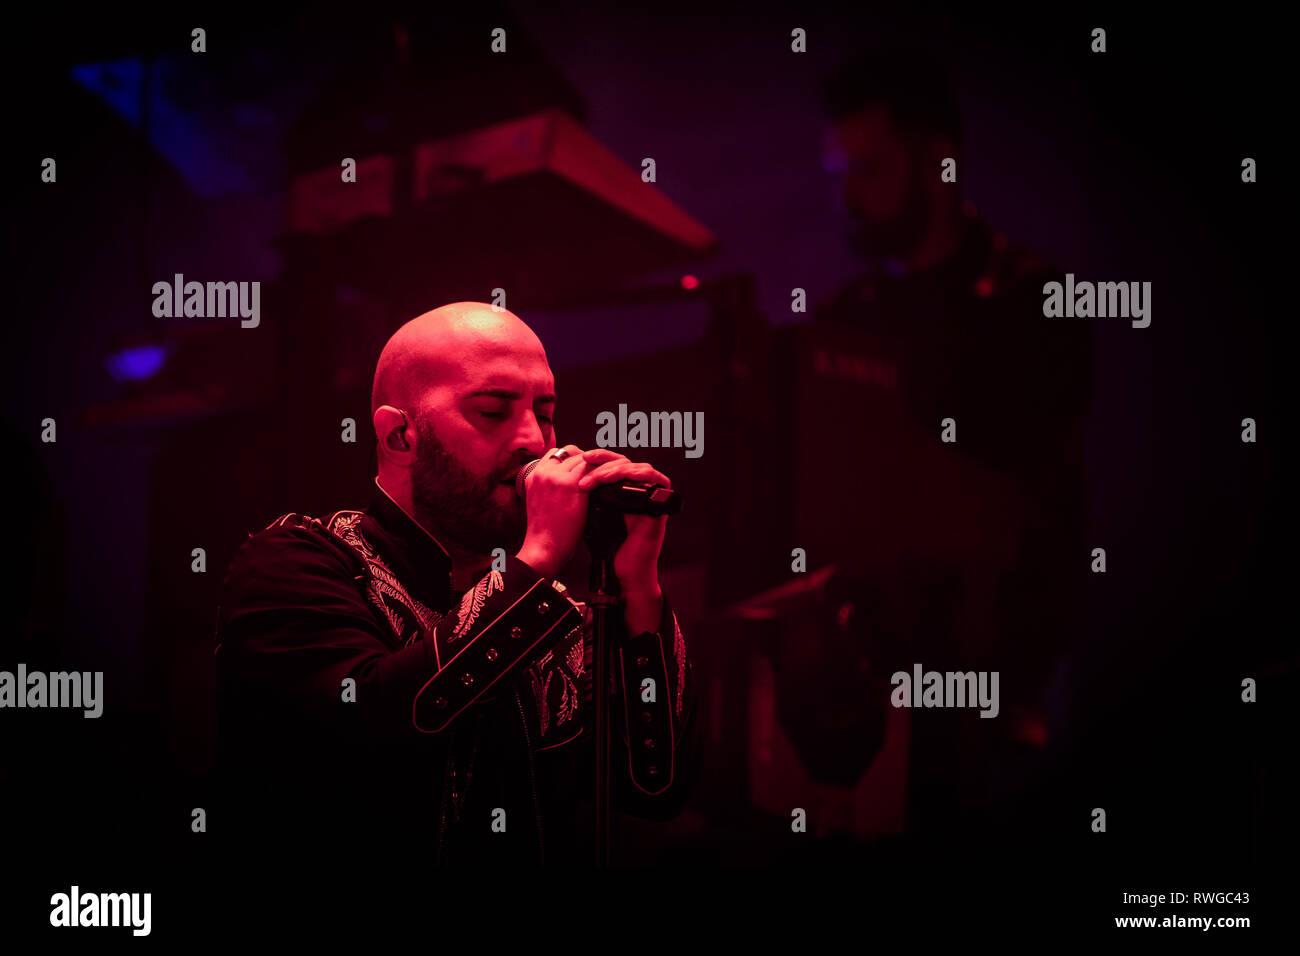 Giuliano Sangiorgi And His Band Negramaro Performs Live In Rome At Palazzo Dello Sport For Amore Che Torni Tour Indoor 2019 Photo By Danilo D Auria Pacific Press Stock Photo Alamy